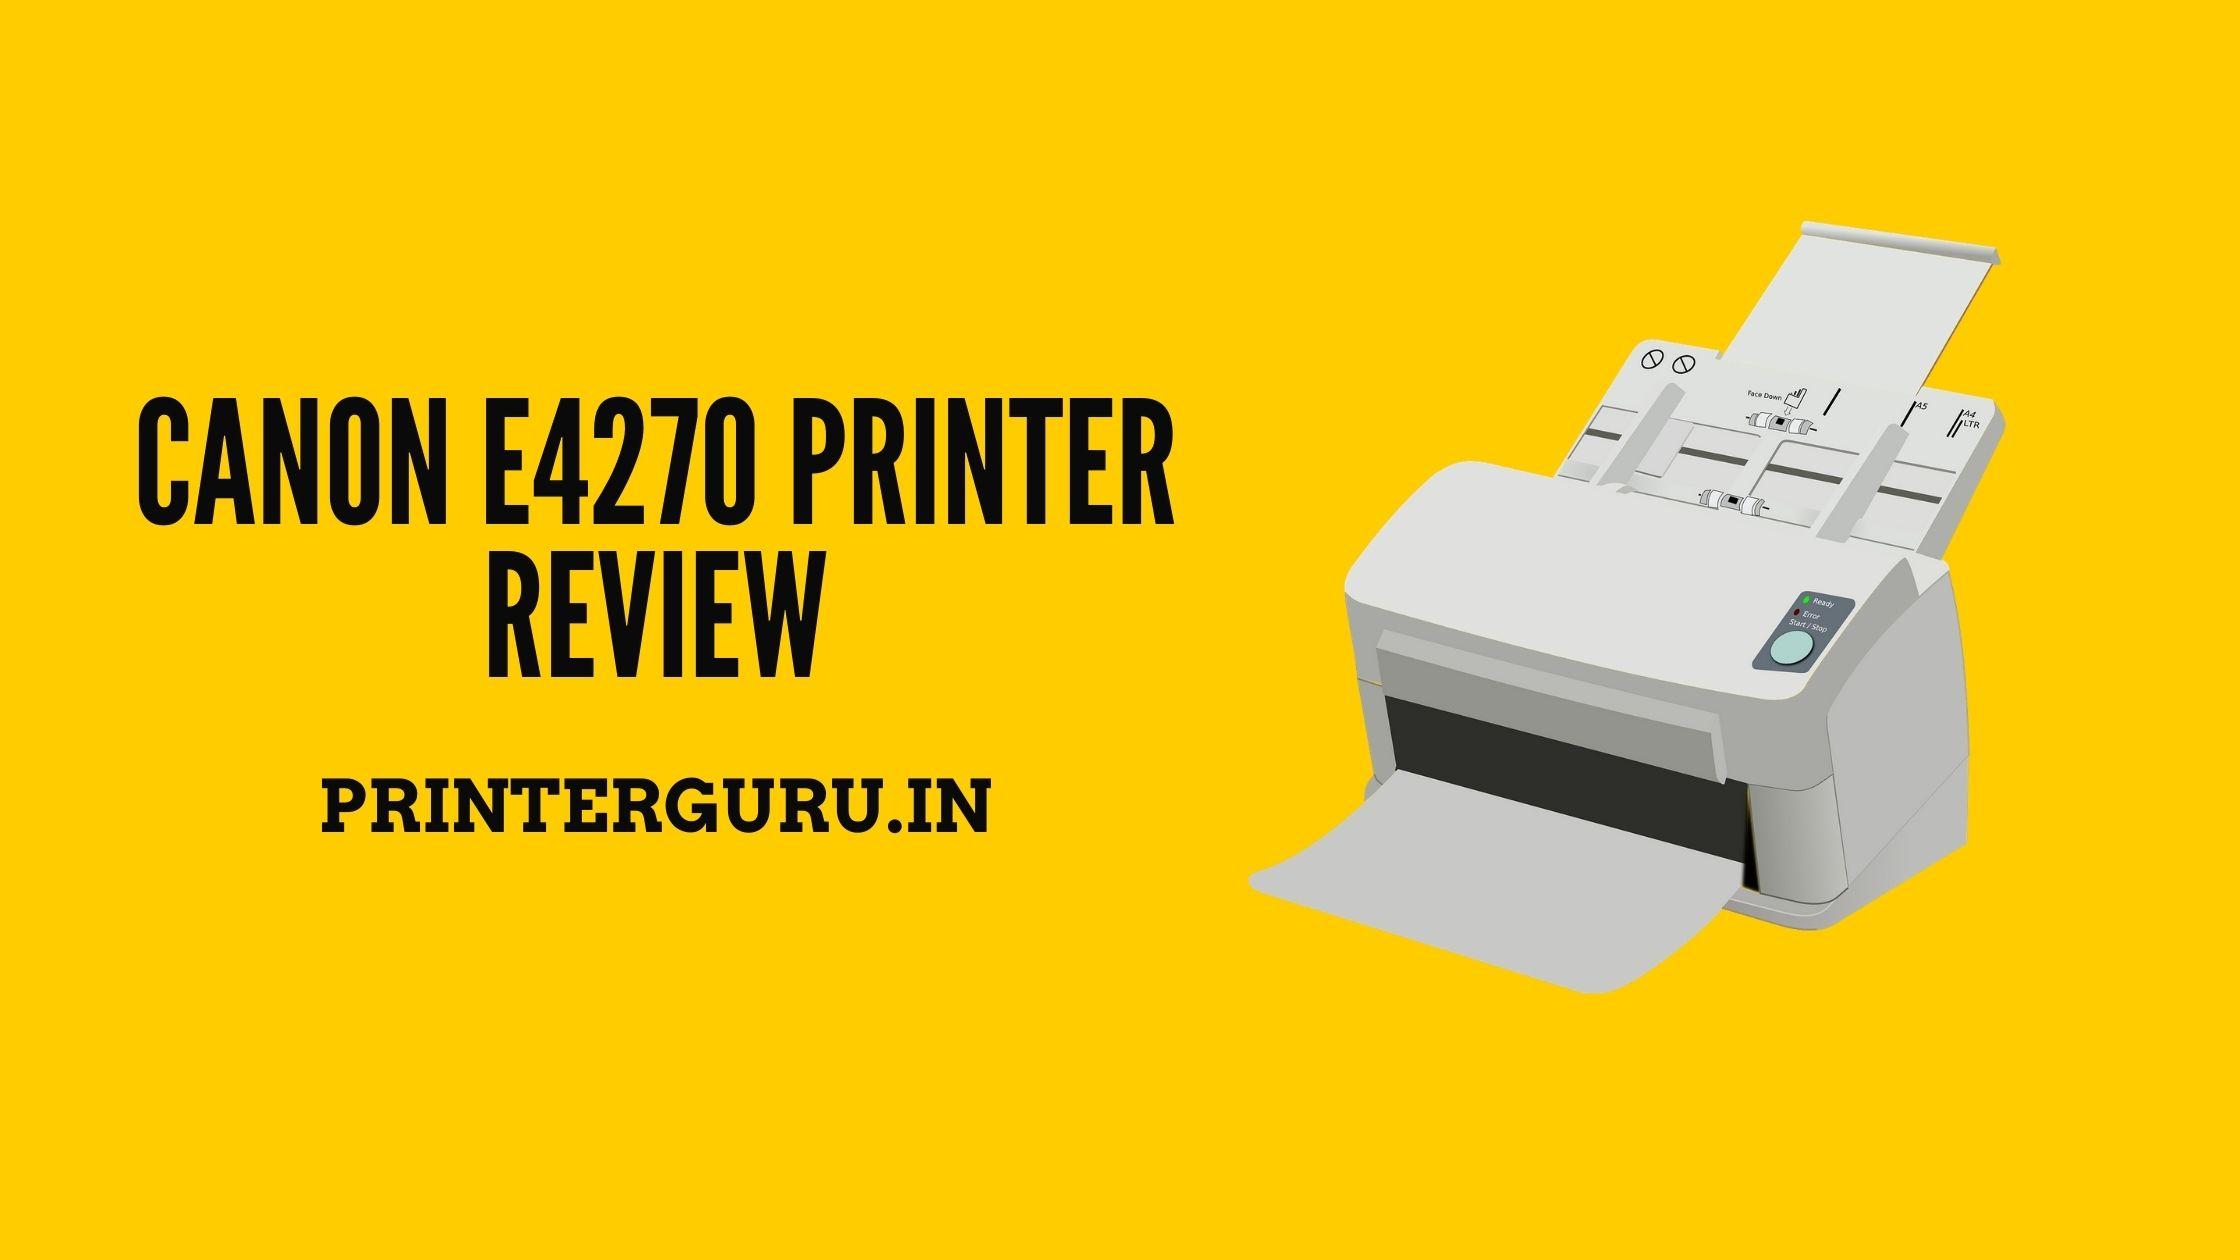 Canon E4270 Printer Review